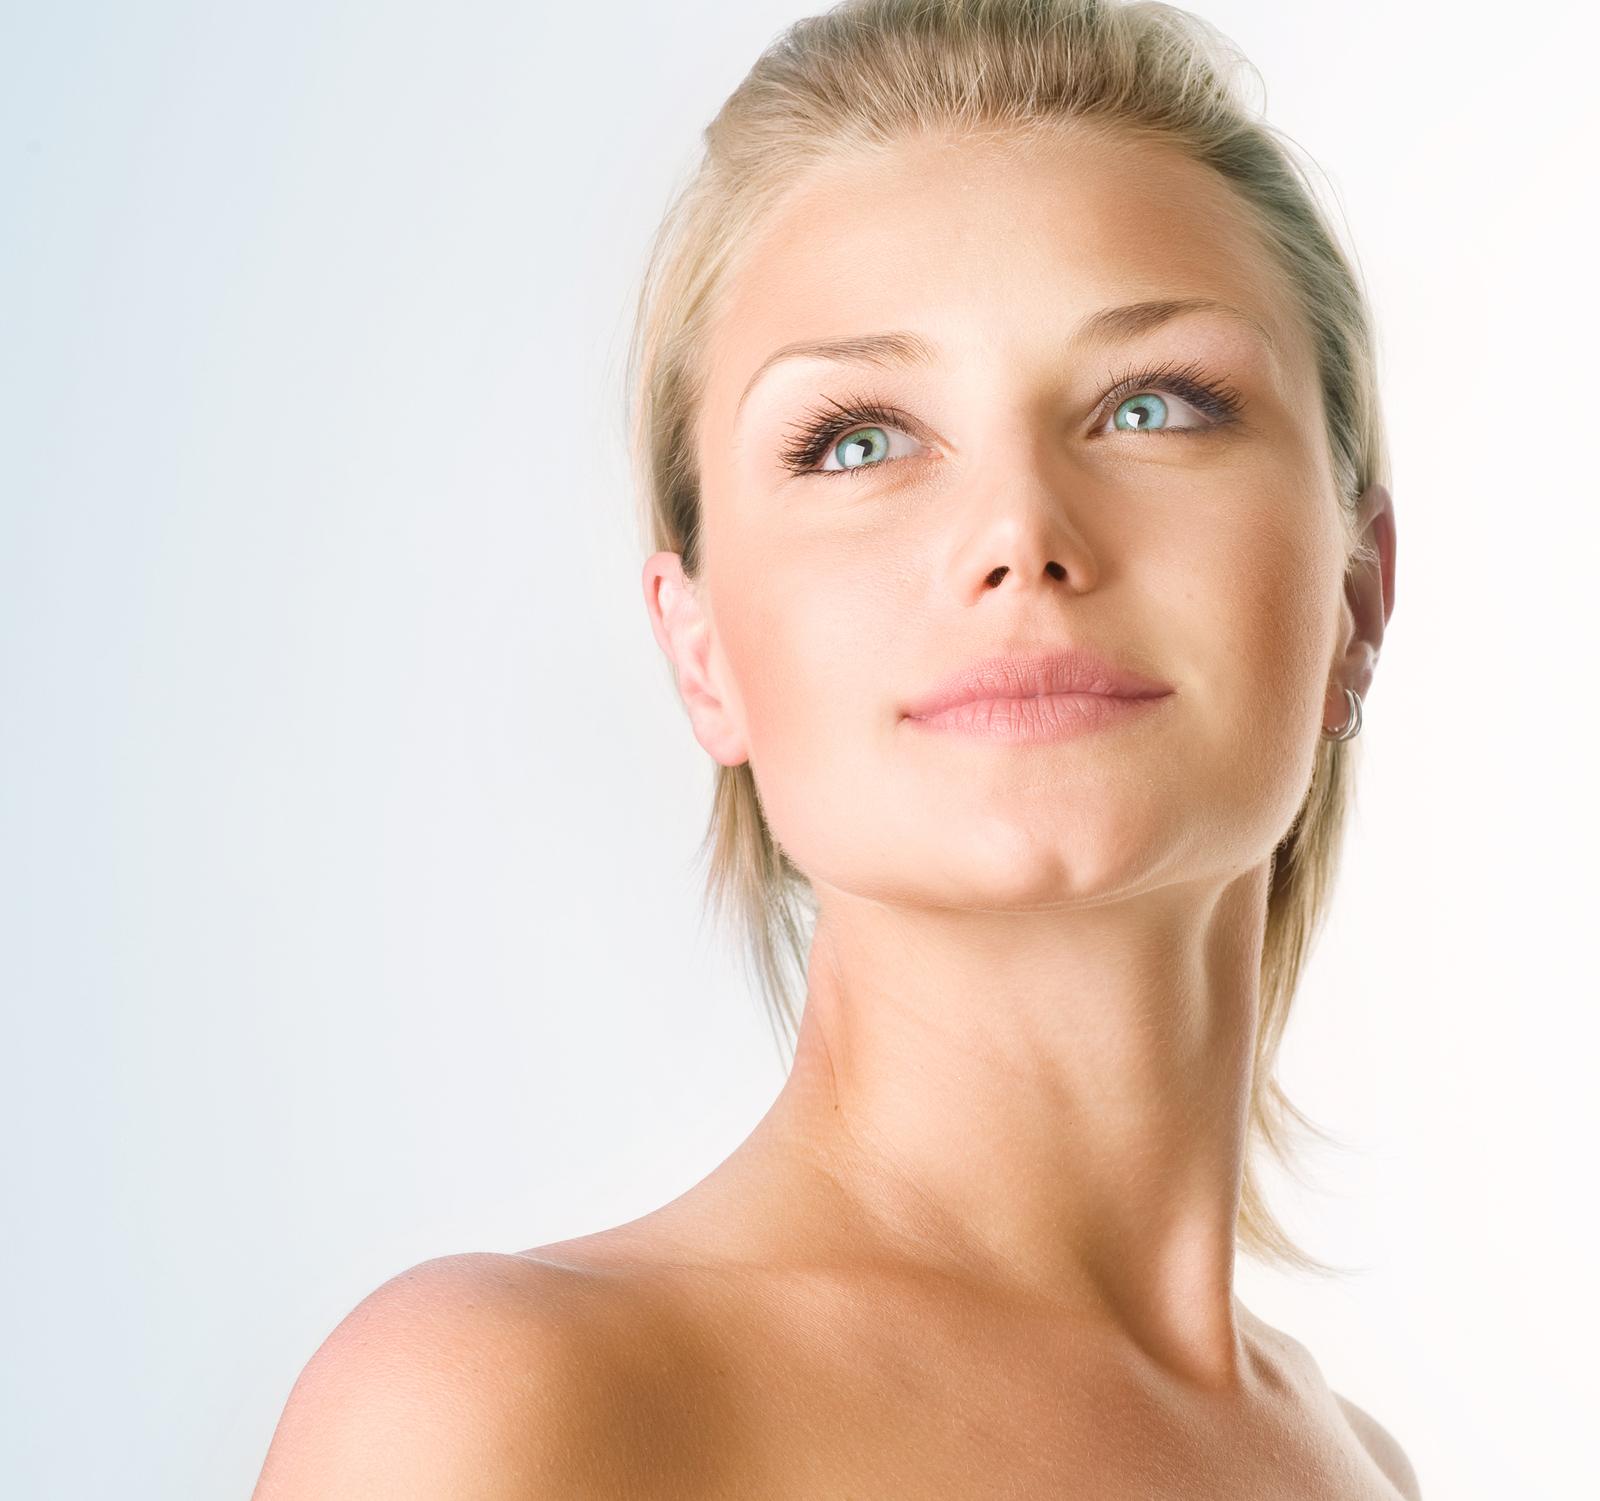 bigstock-Beautiful-Girl-face-Perfect-sk-12572852